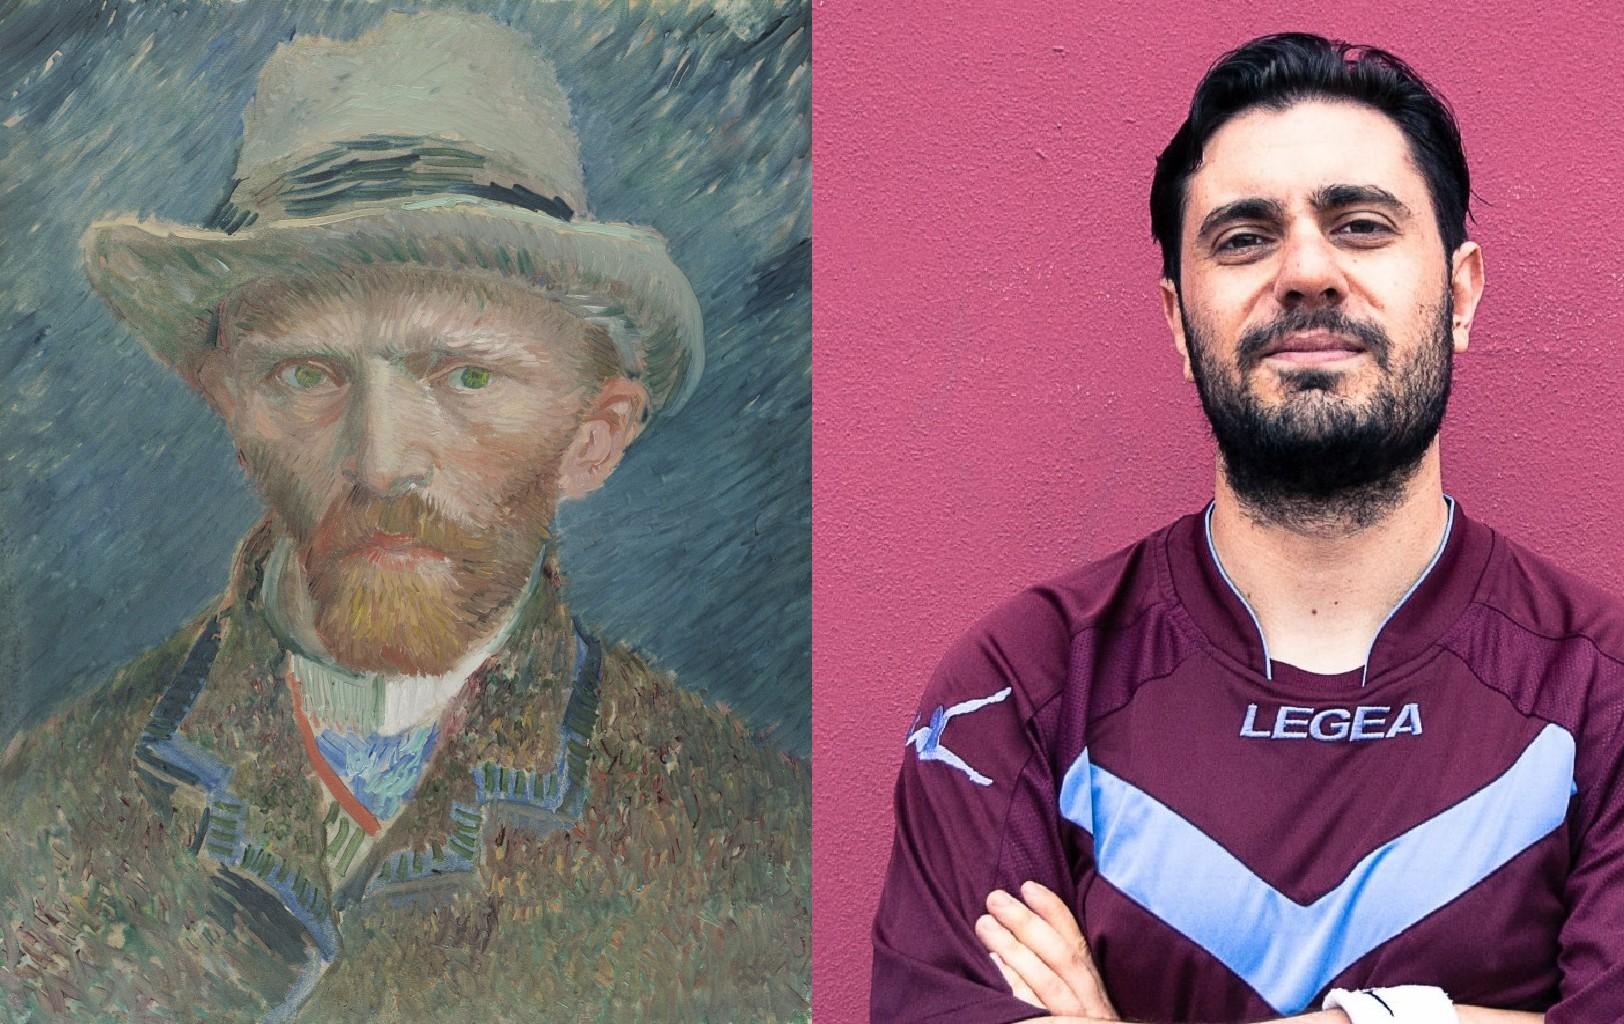 Van Gogh 1887 Self-Portrait, Vincent van Gogh (1853-1890) vanGo'd by Francis Van Ceruso